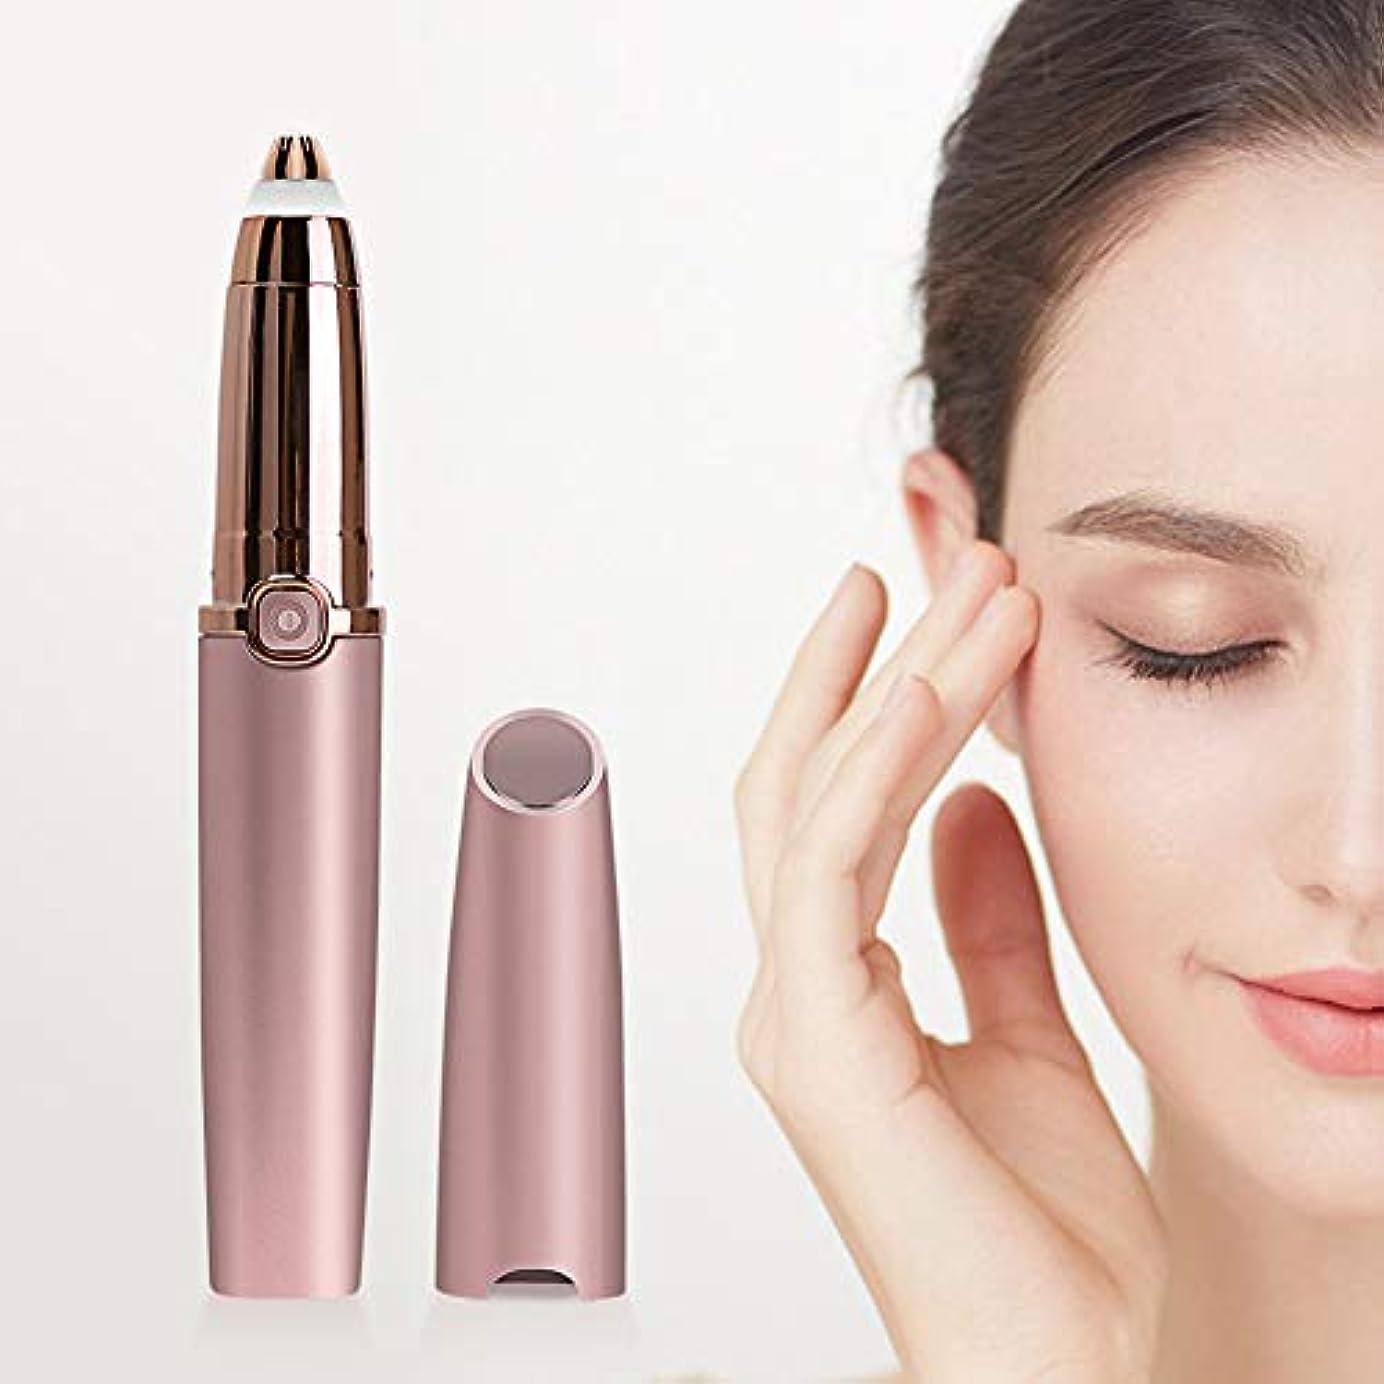 影響する引き受けるレスリング電動眉修理ミニポータブル眉毛剃毛脱毛装置痛みのないかみそり女性顔の毛の除去装置